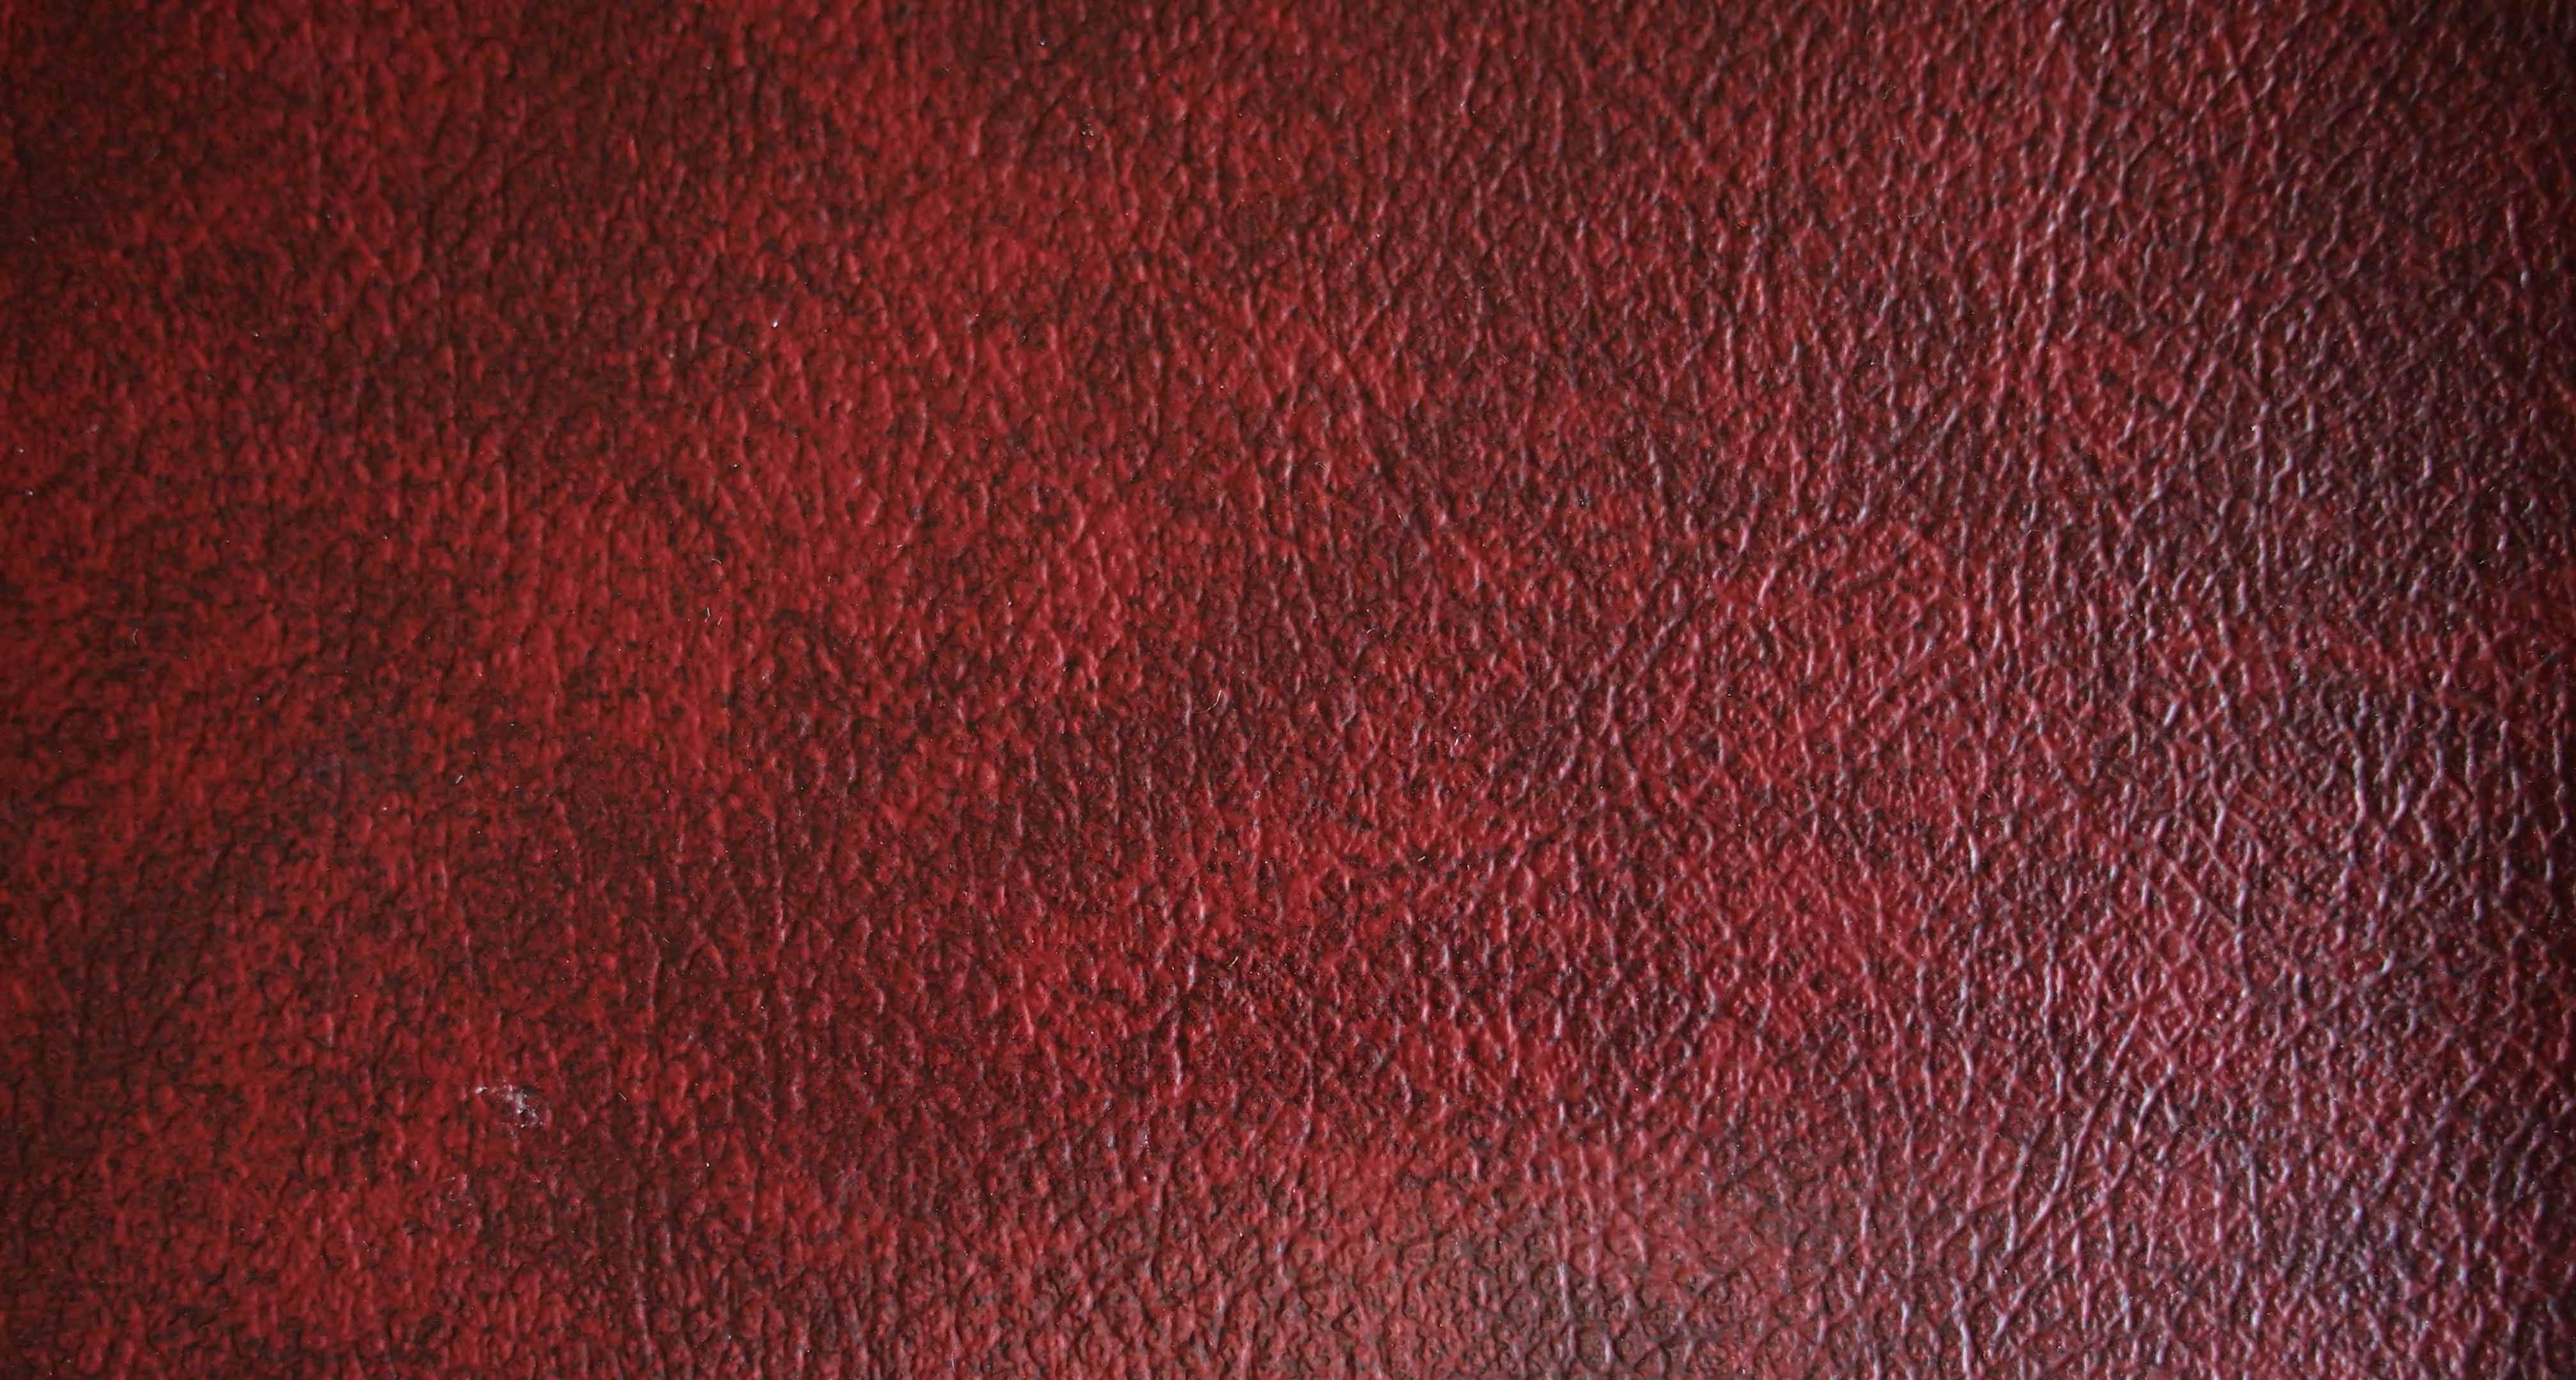 自动检测皮革瑕疵,提高皮革利用率与品牌形象